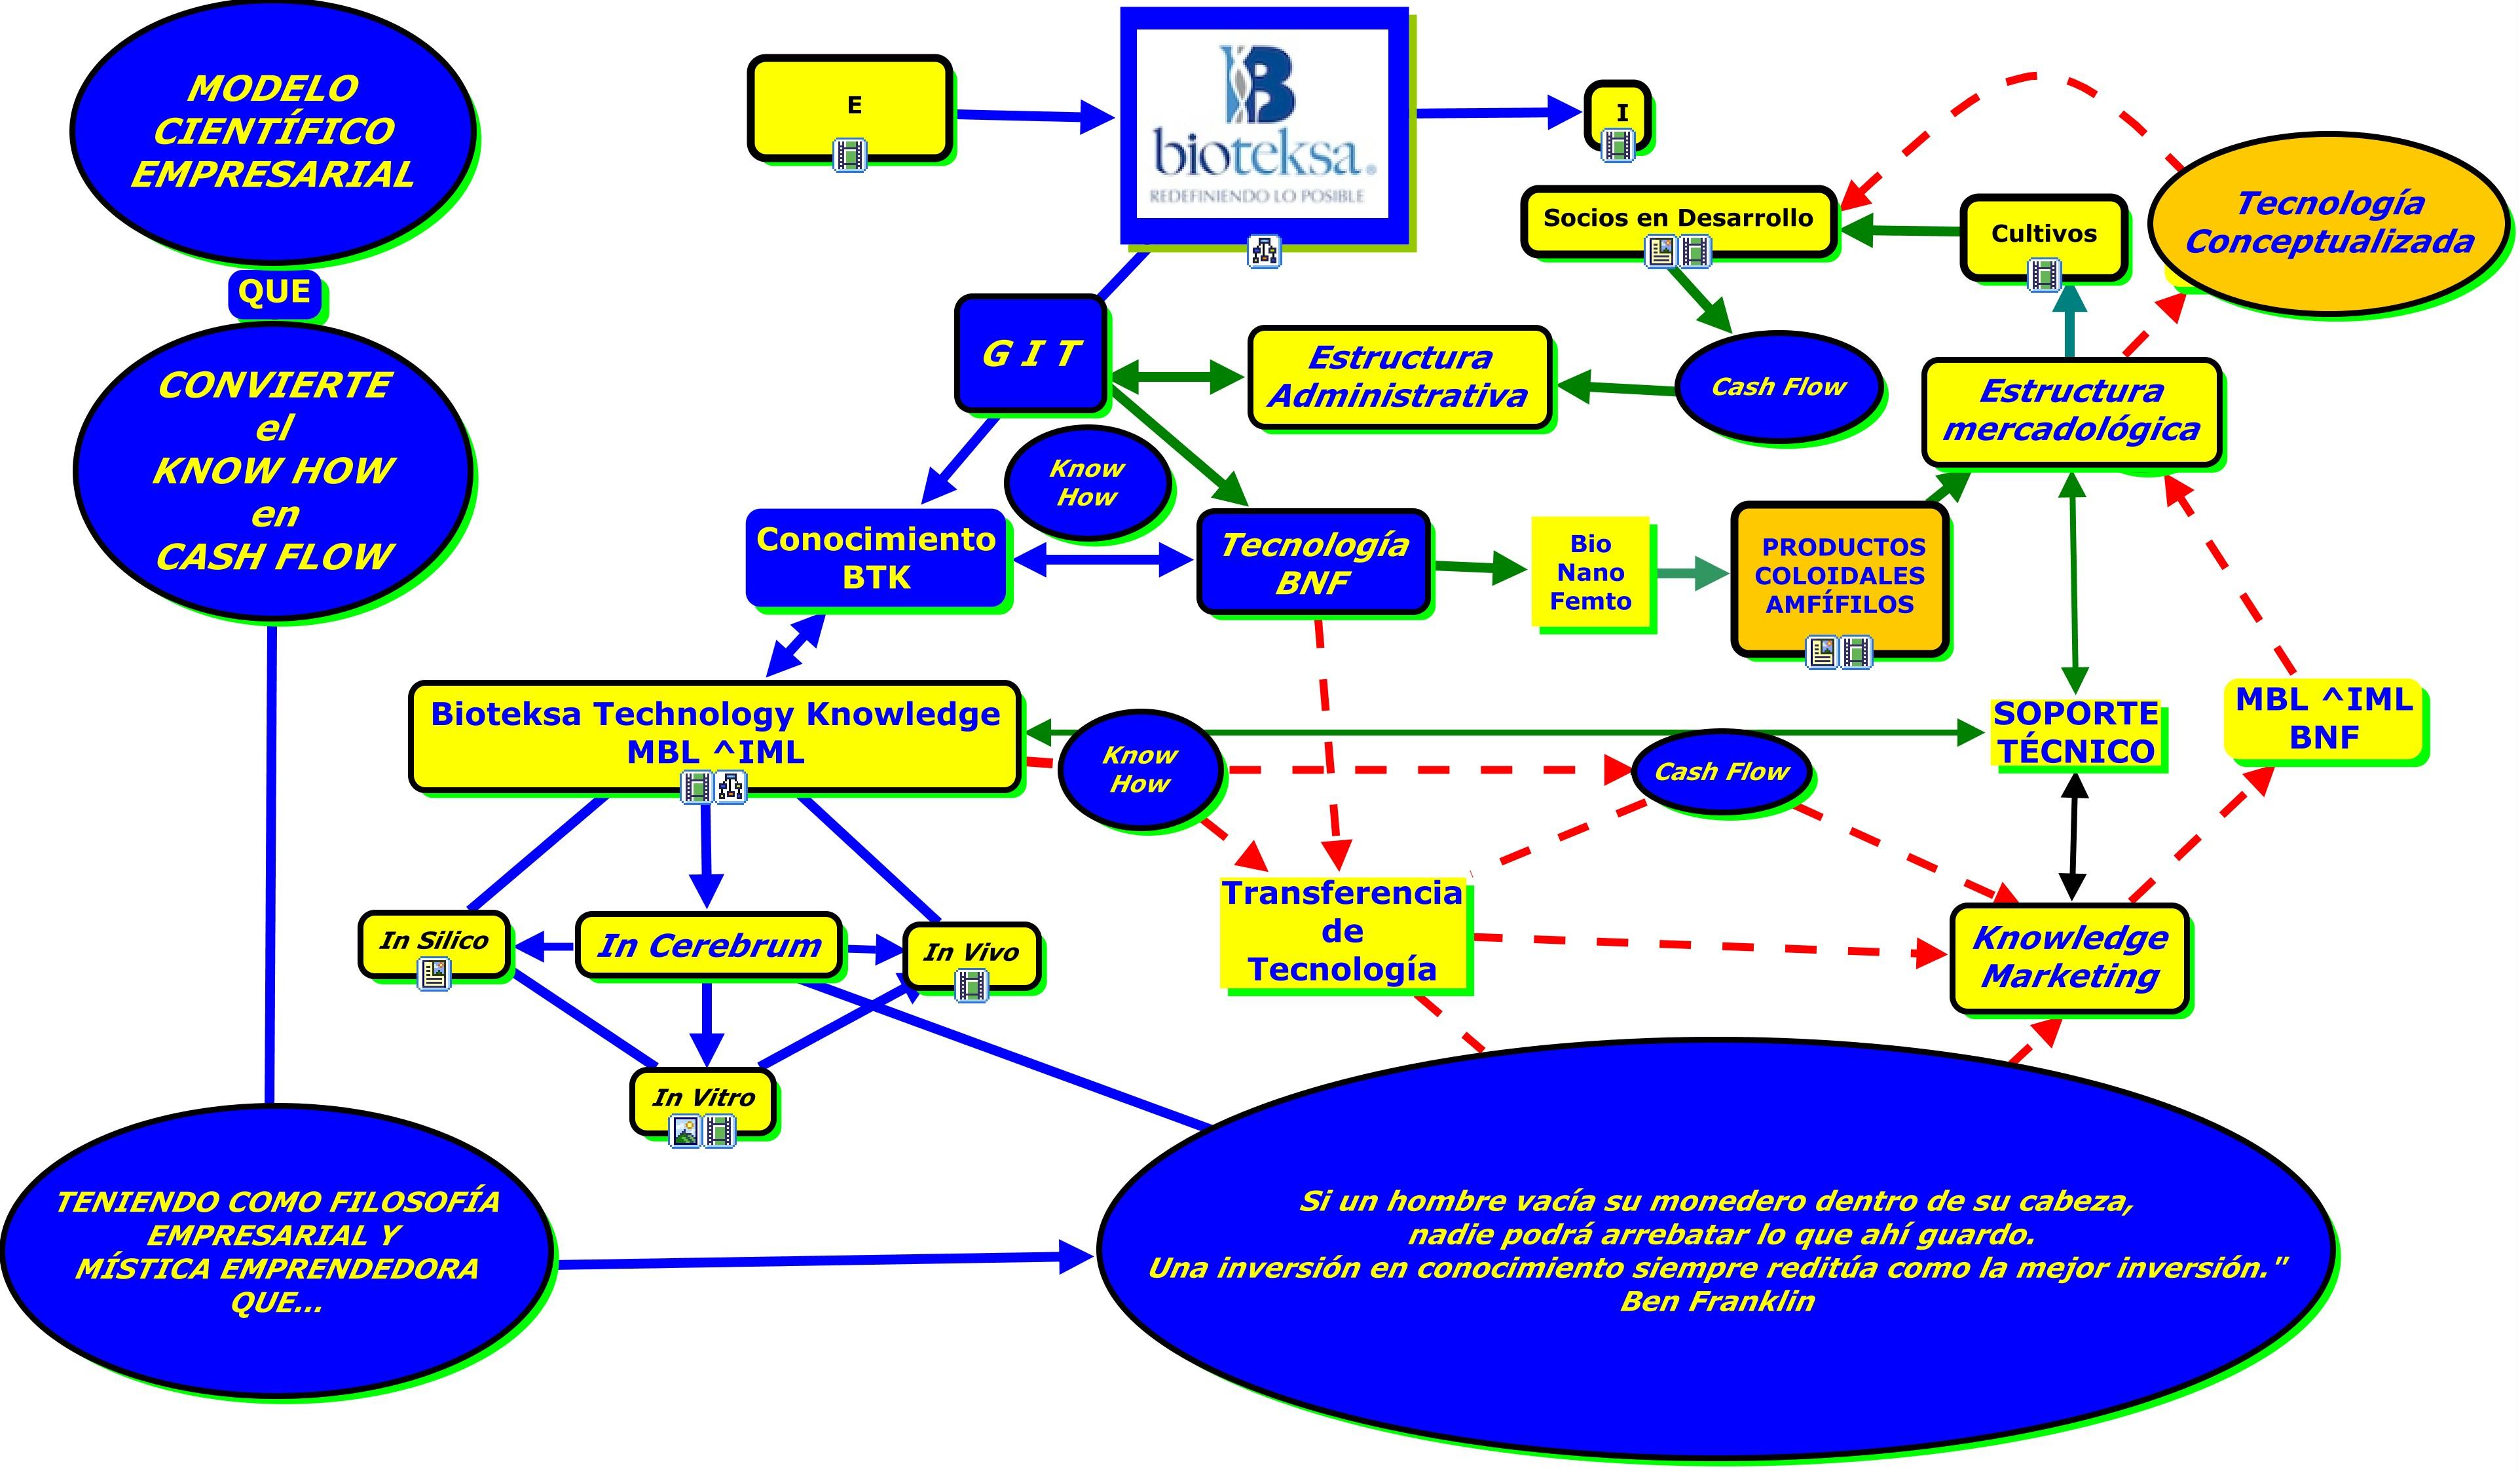 File:Modelo Científico Empresarial De Bioteksa.jpg